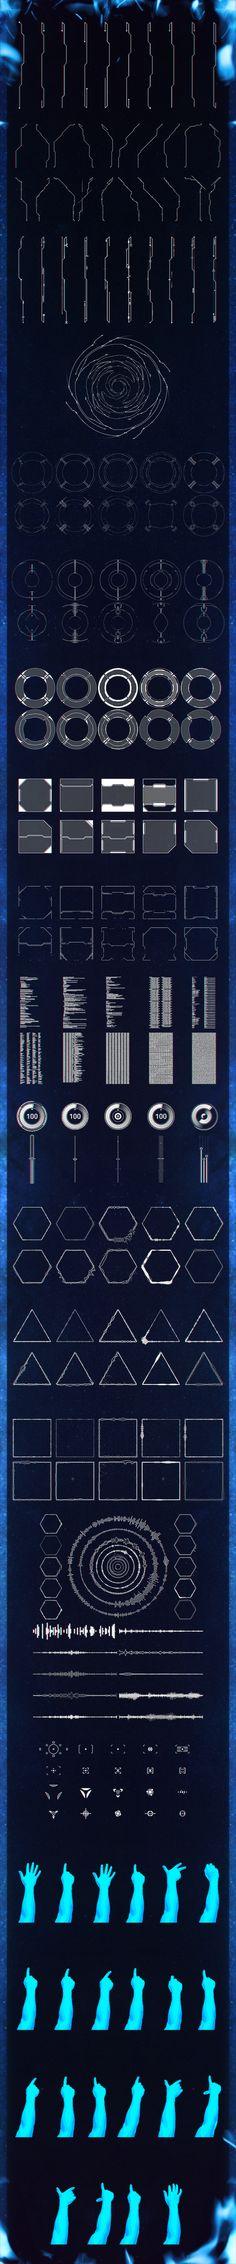 Eclipse V3 HUD Elements on Behance